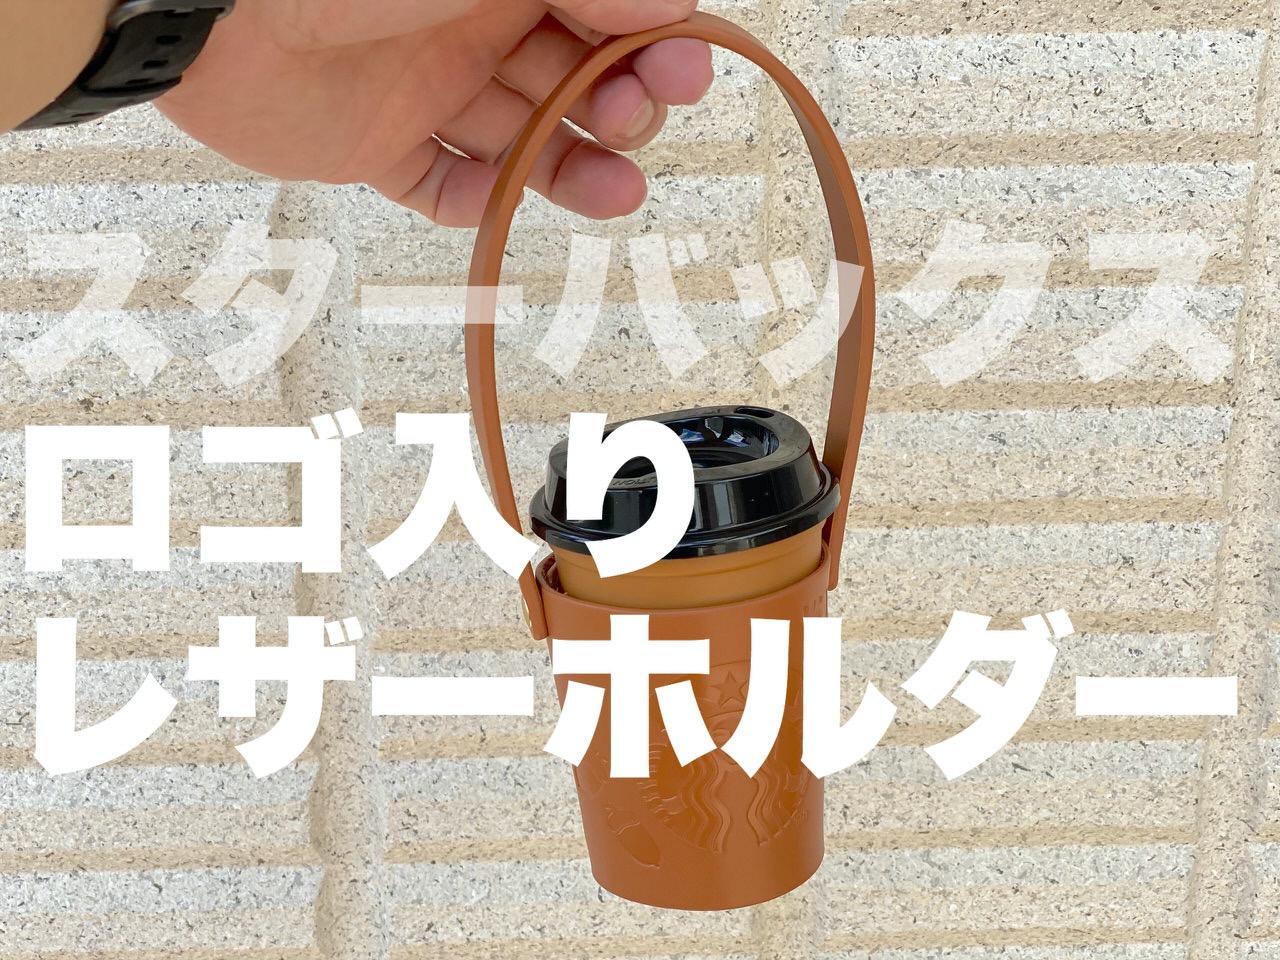 【スターバックス】オリジナルカップとレザーホルダーがセットになった「スターバックス フォール チアー ギフト」発売開始 #提供